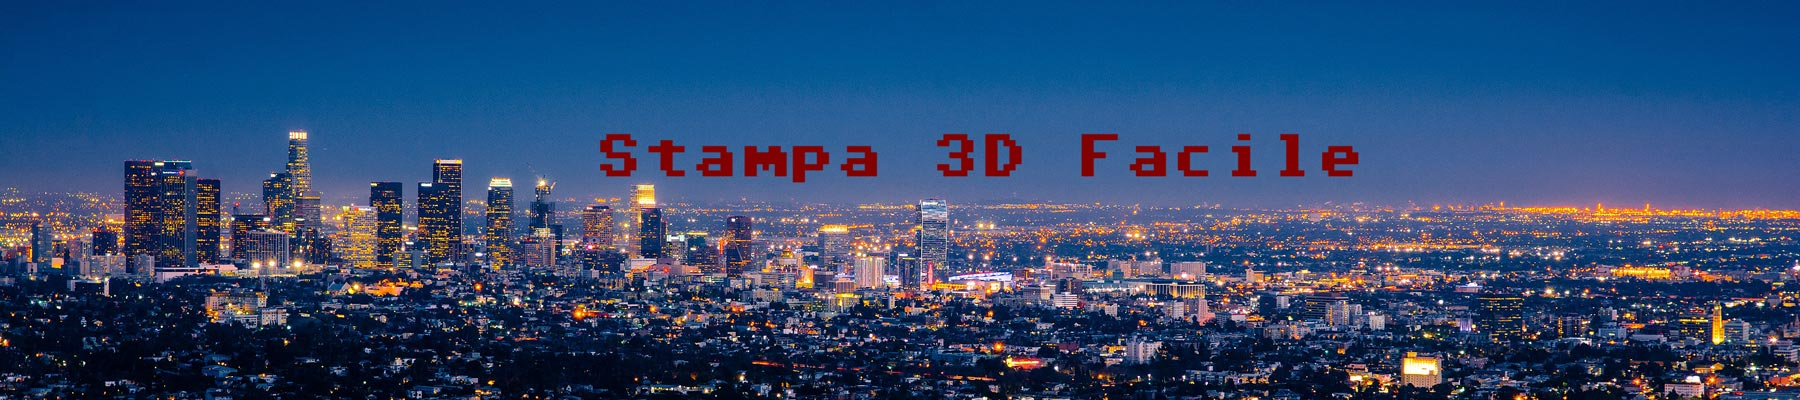 stampa-3d-facile-informazioni-come-si-usa-quanto-cosa-stampante-3d